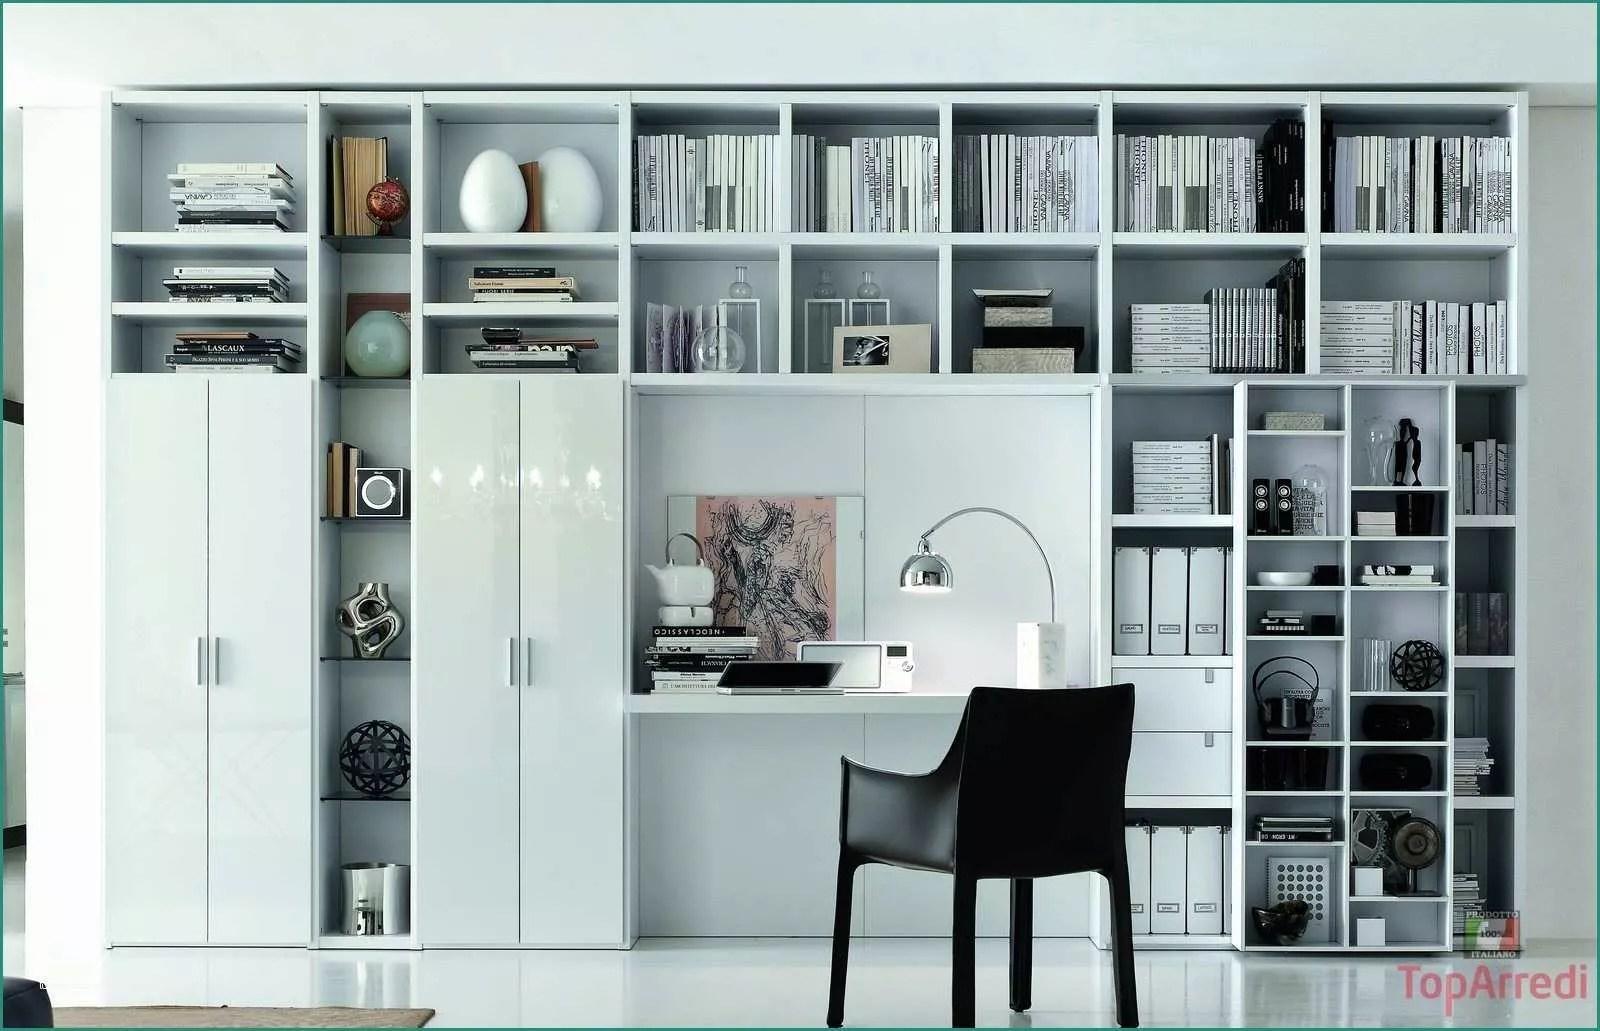 Librerie Moderne In Acciaio.Librerie Moderne